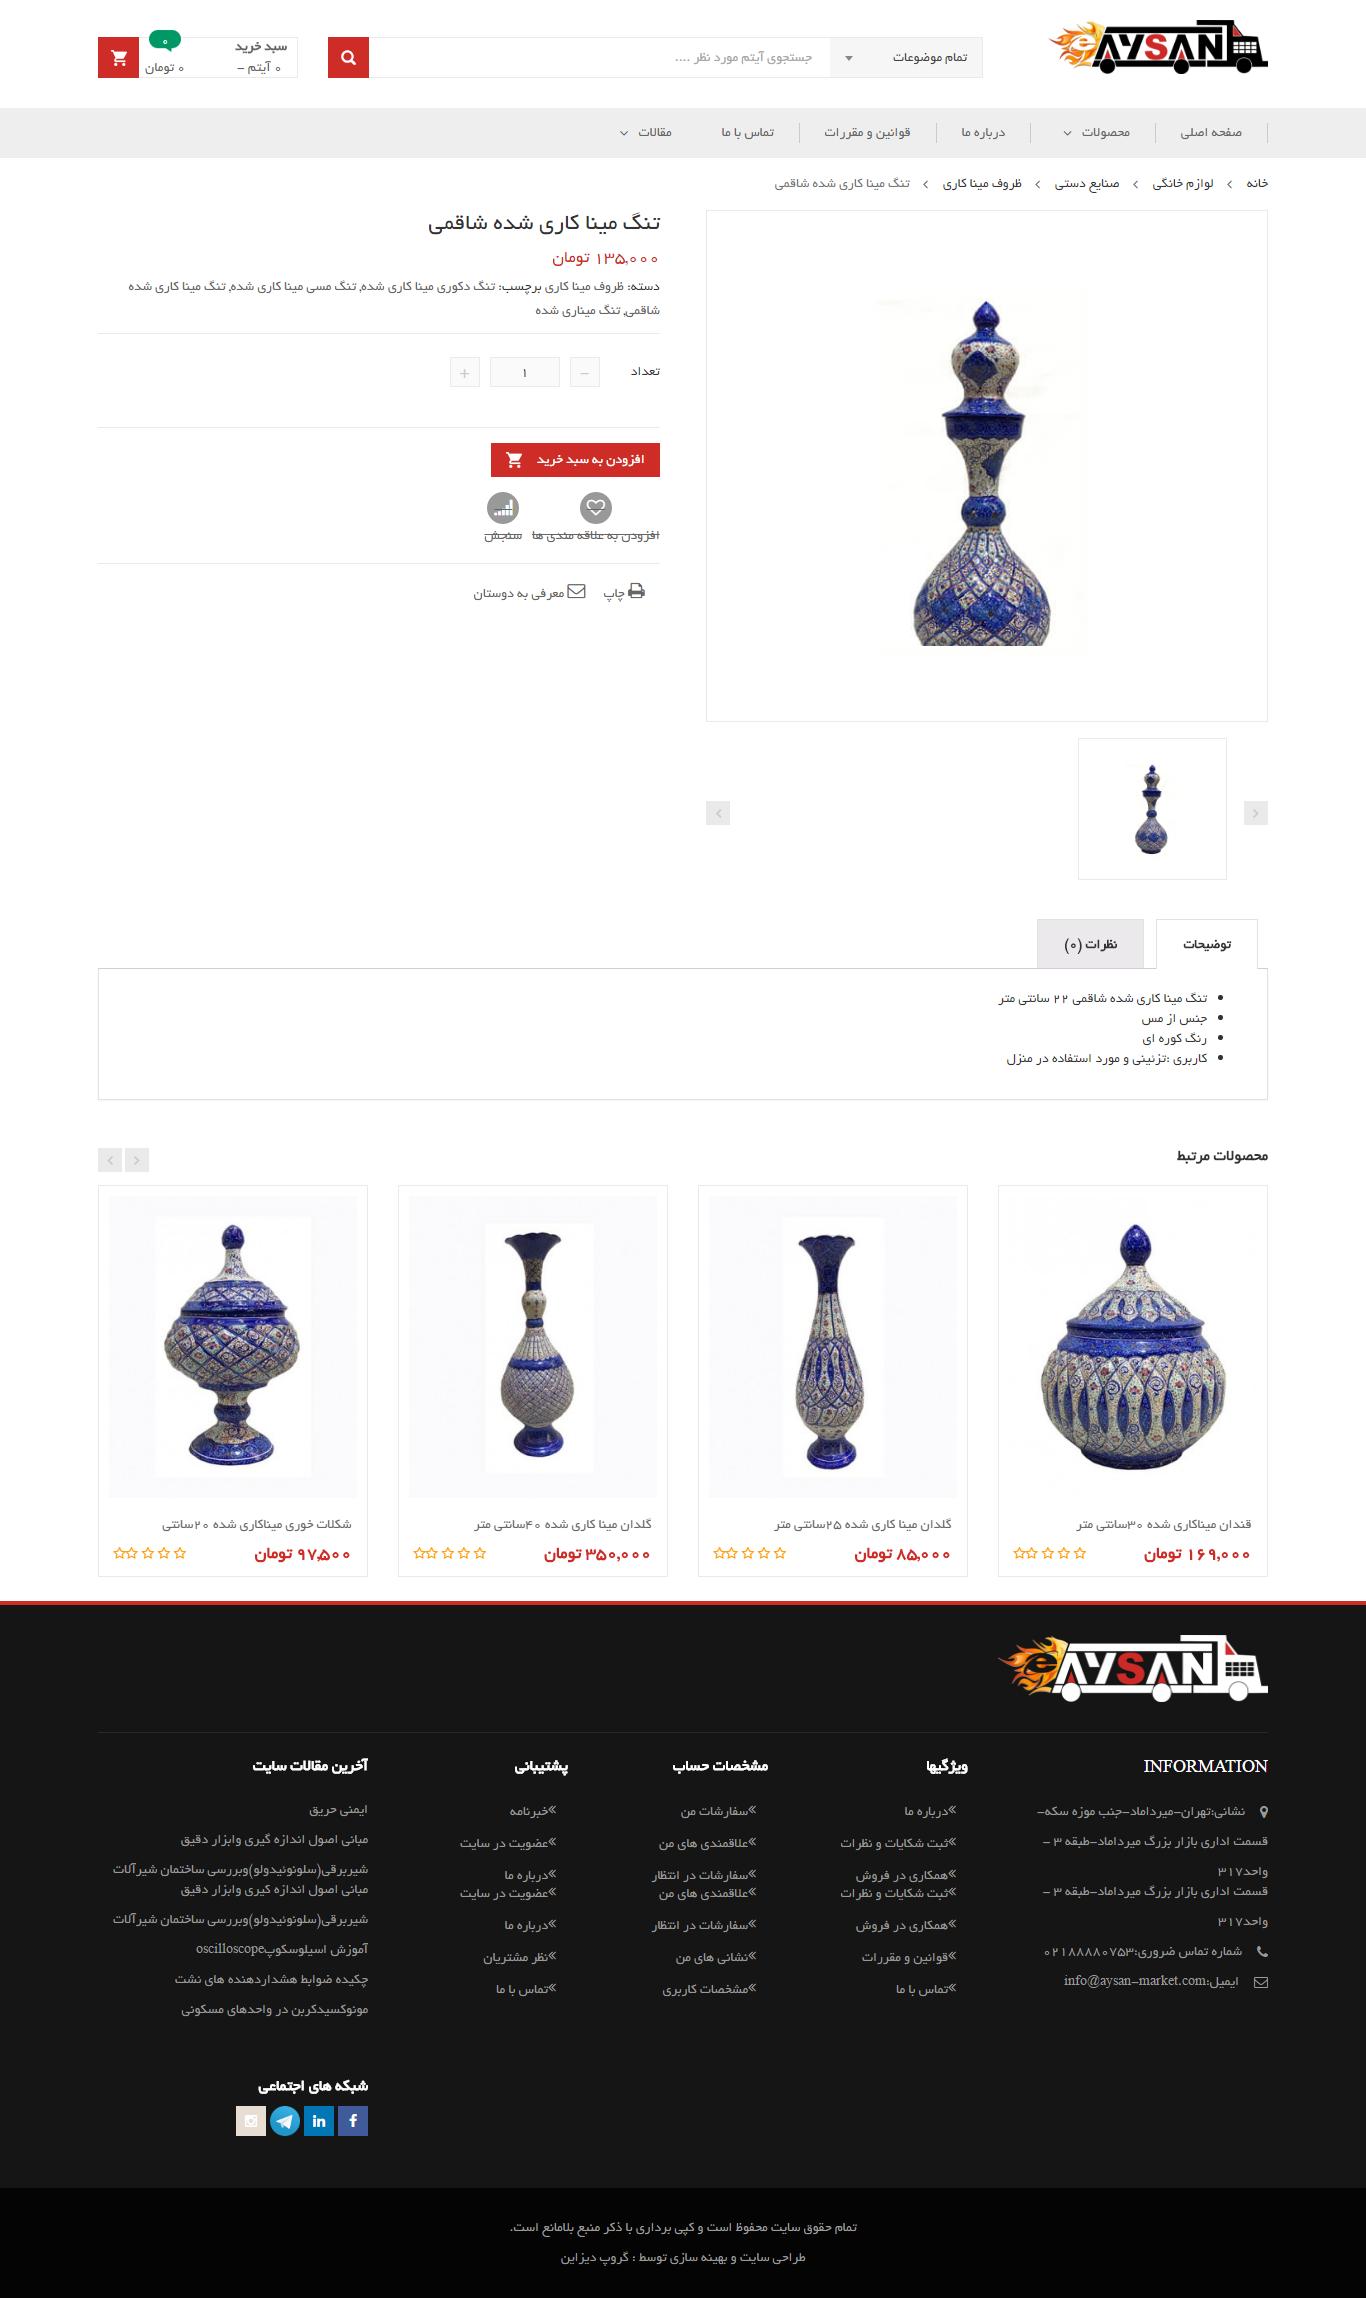 طراحی سایت فروشگاه آیسان